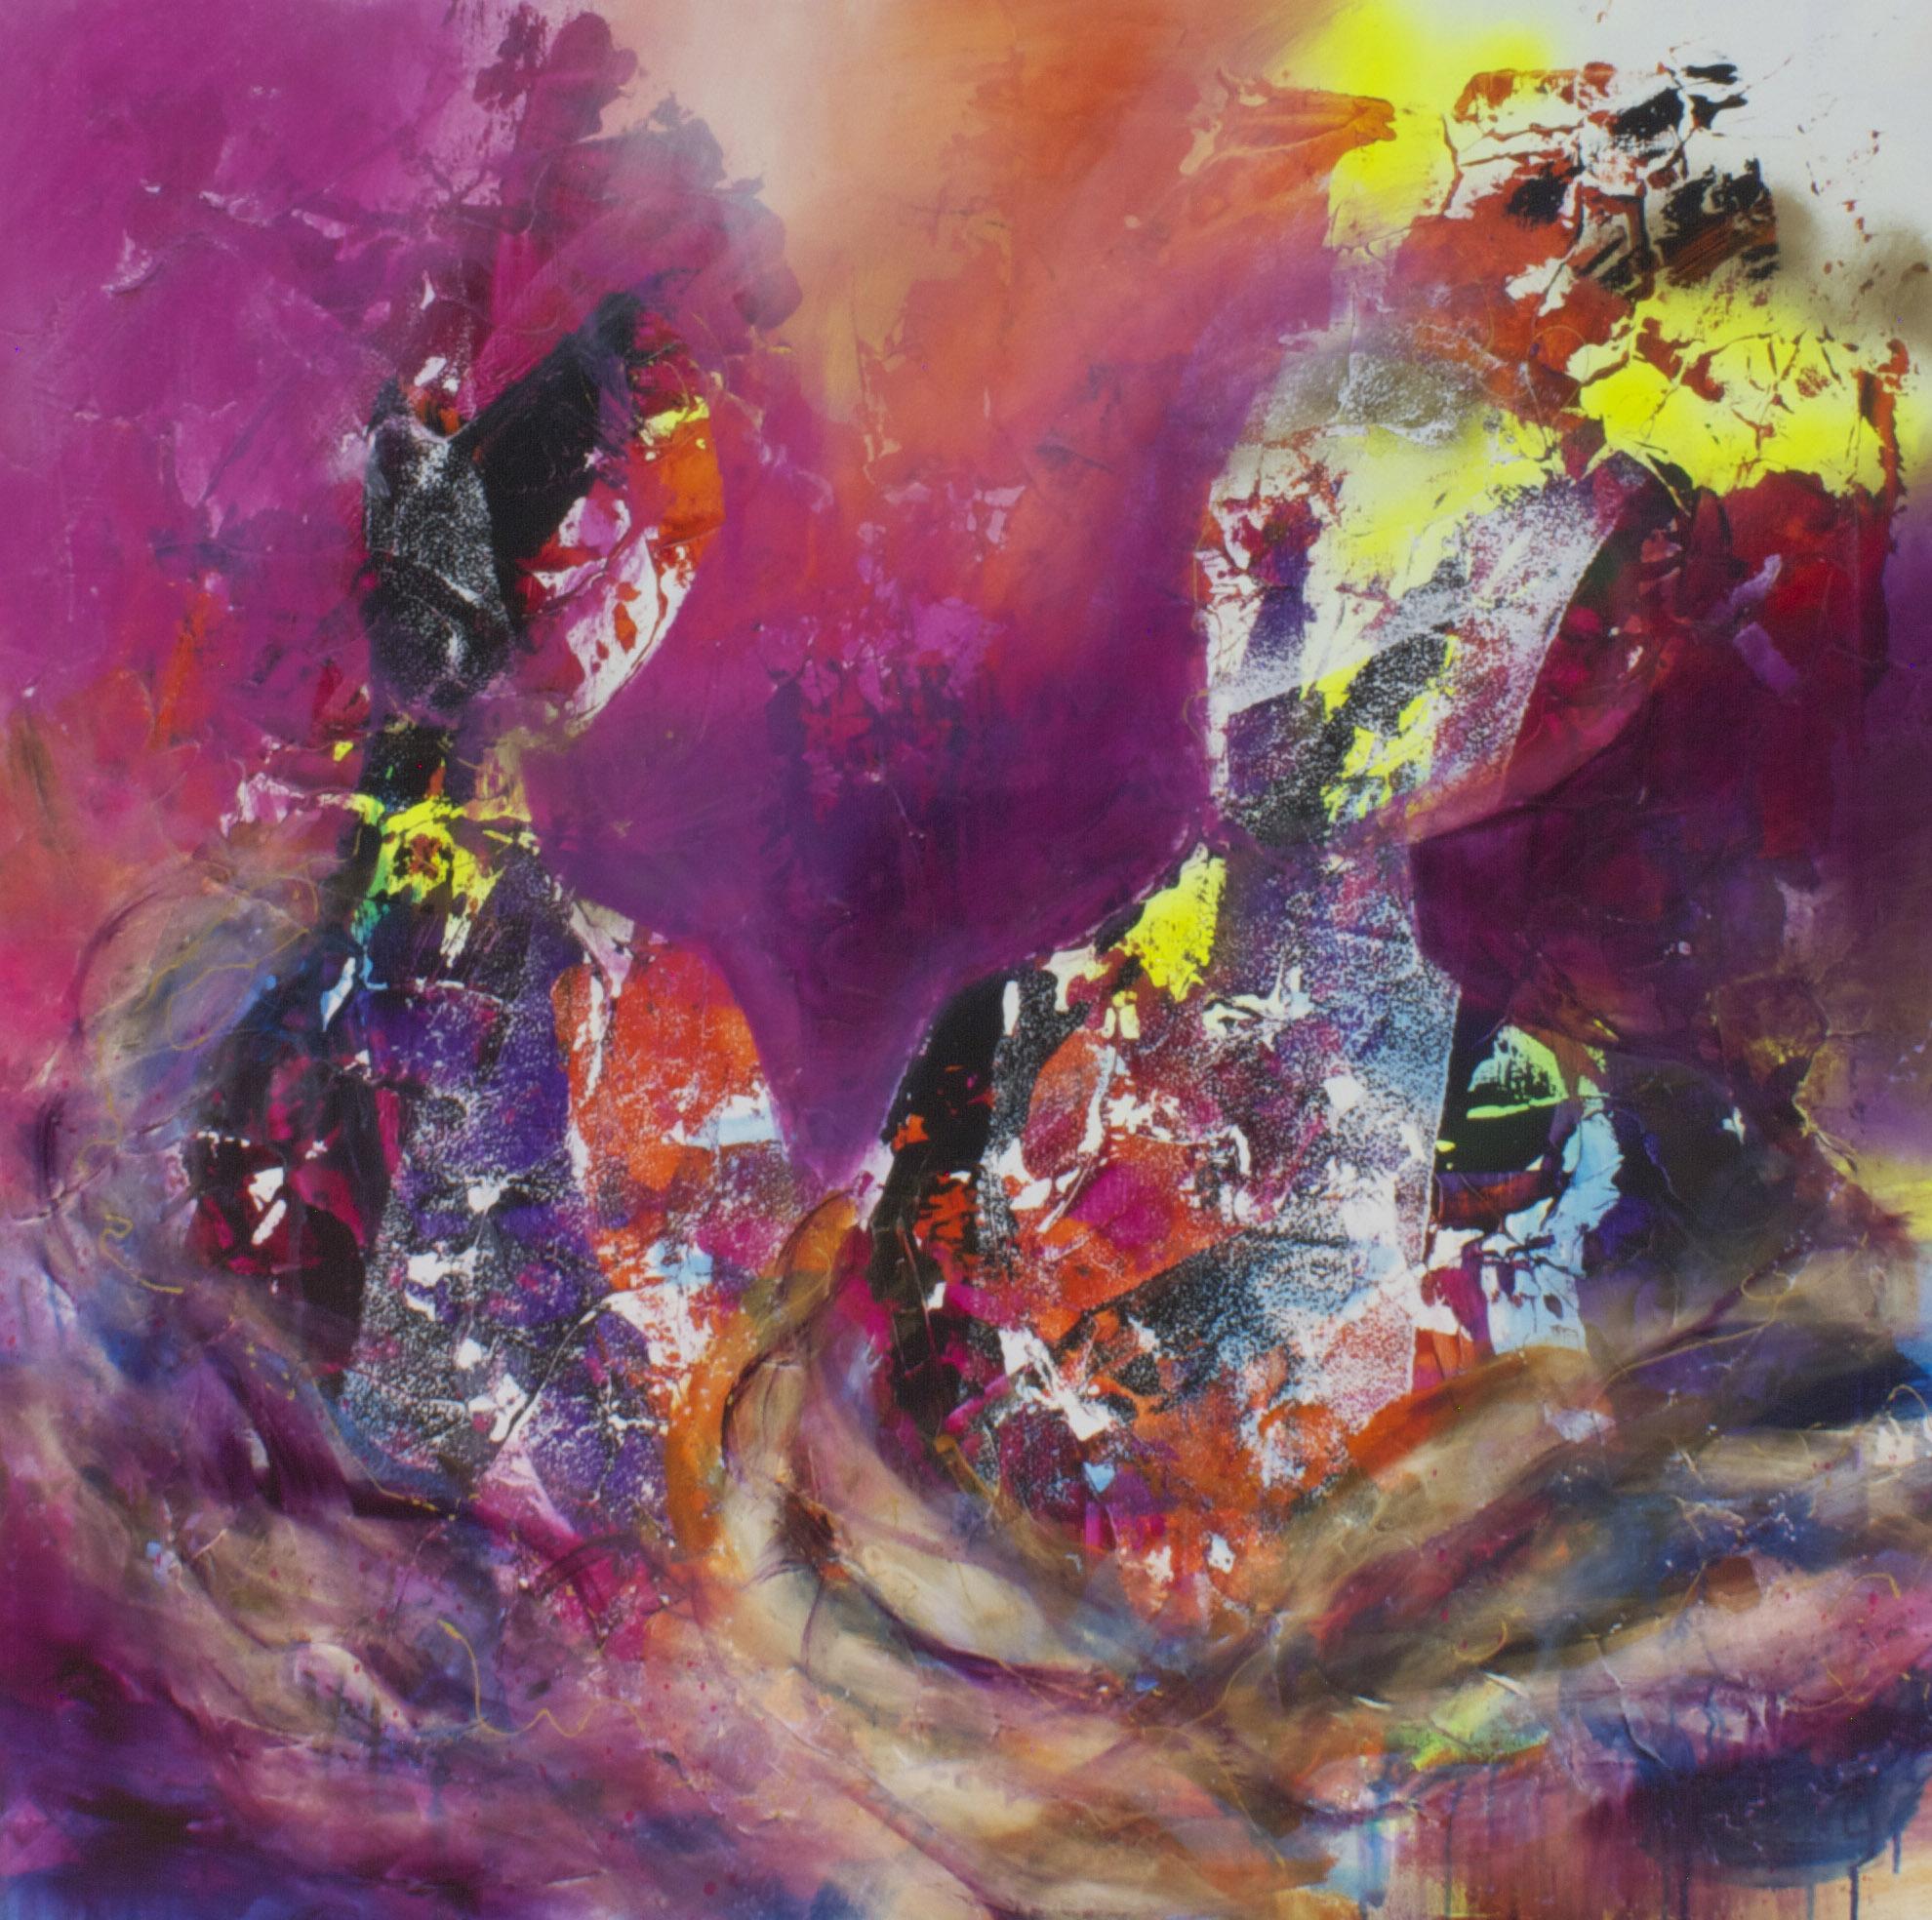 100x100cm acrylic on canvas2.jpg